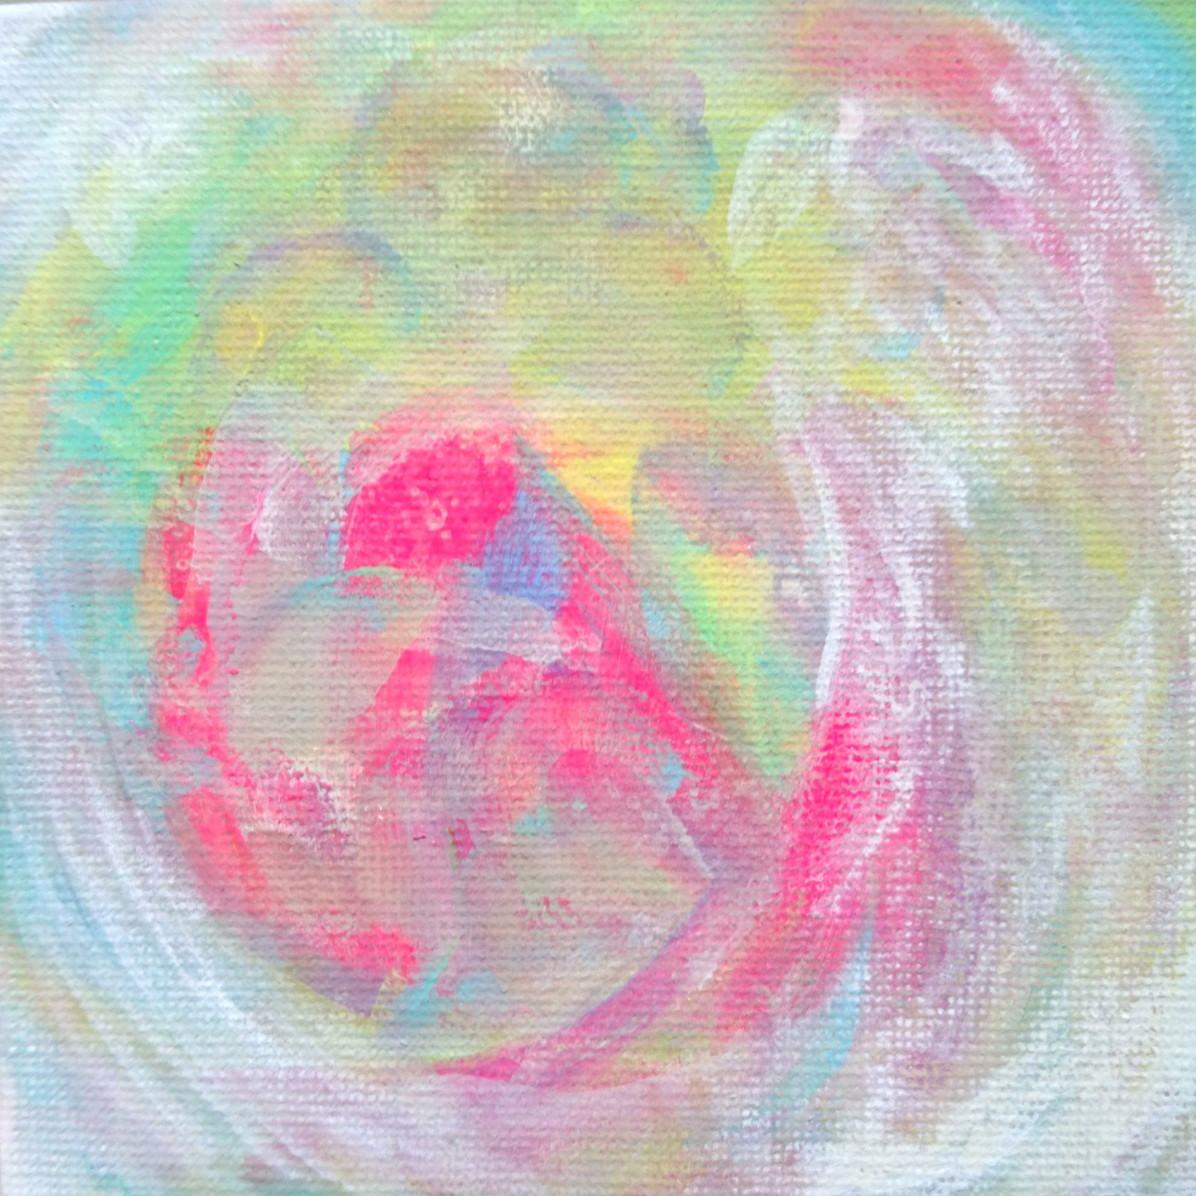 絵画 絵 ピクチャー 縁起画 モダン シェアハウス アートパネル アート art 14cm×14cm 一人暮らし 送料無料 インテリア 雑貨 壁掛け 置物 おしゃれ ロココロ 抽象画 現代アート 画家 : ごま 作品 : しゃぼん玉。